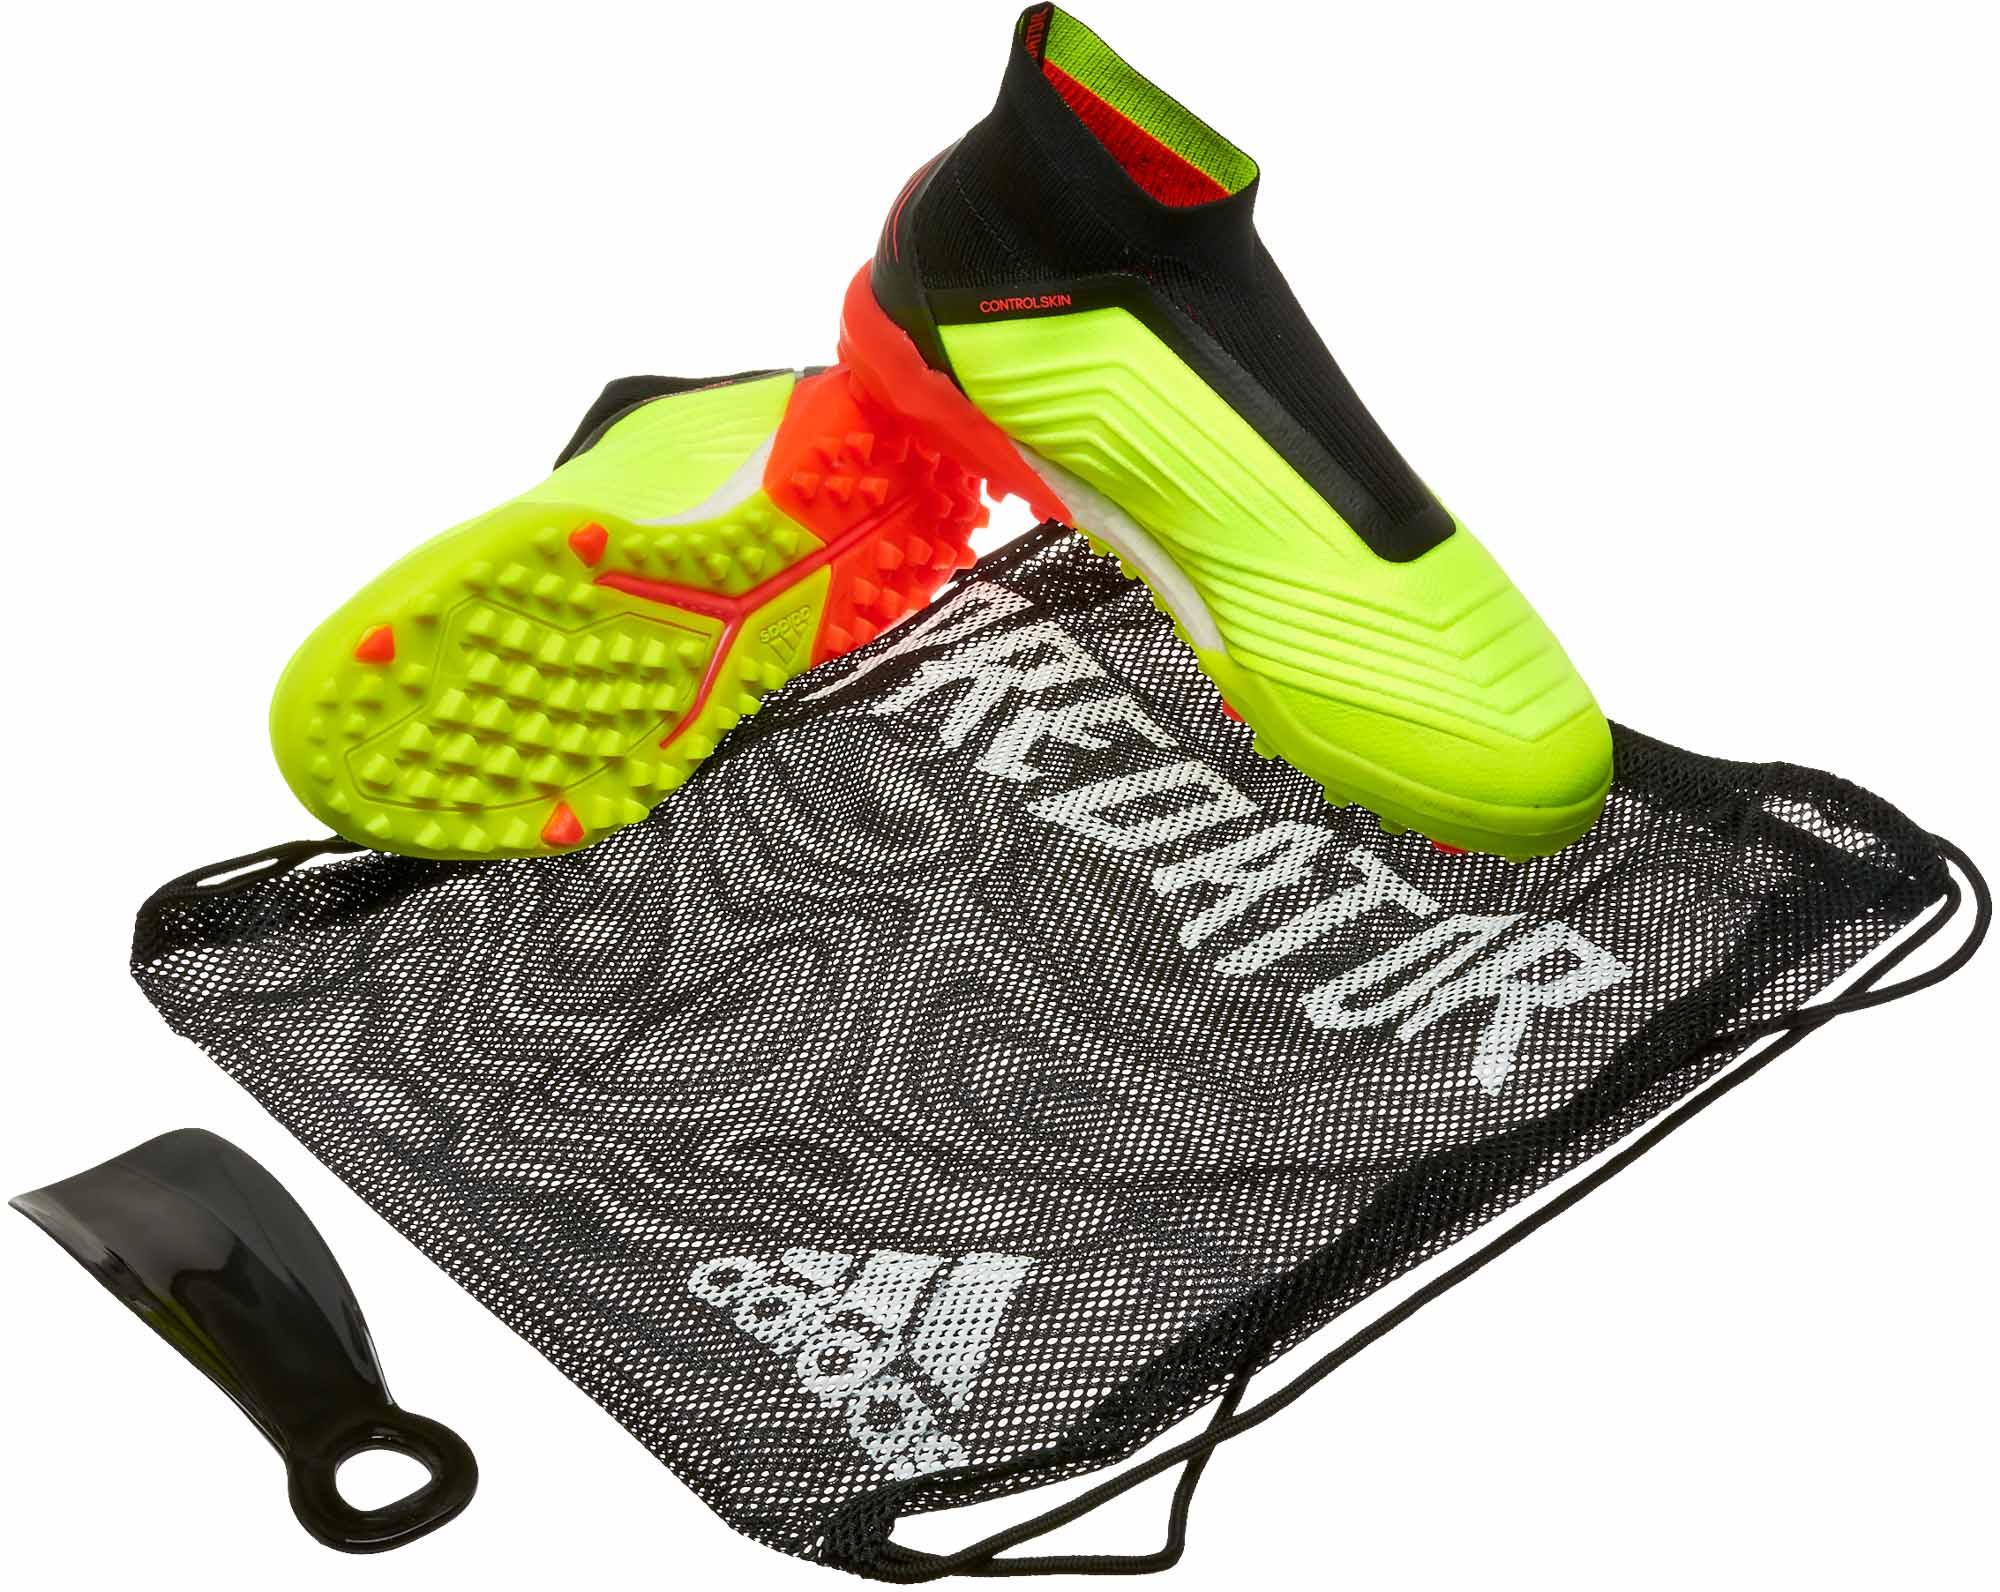 c5cc3028b adidas Predator Tango 18 TF - Solar Yellow Black Solar Red - SoccerPro